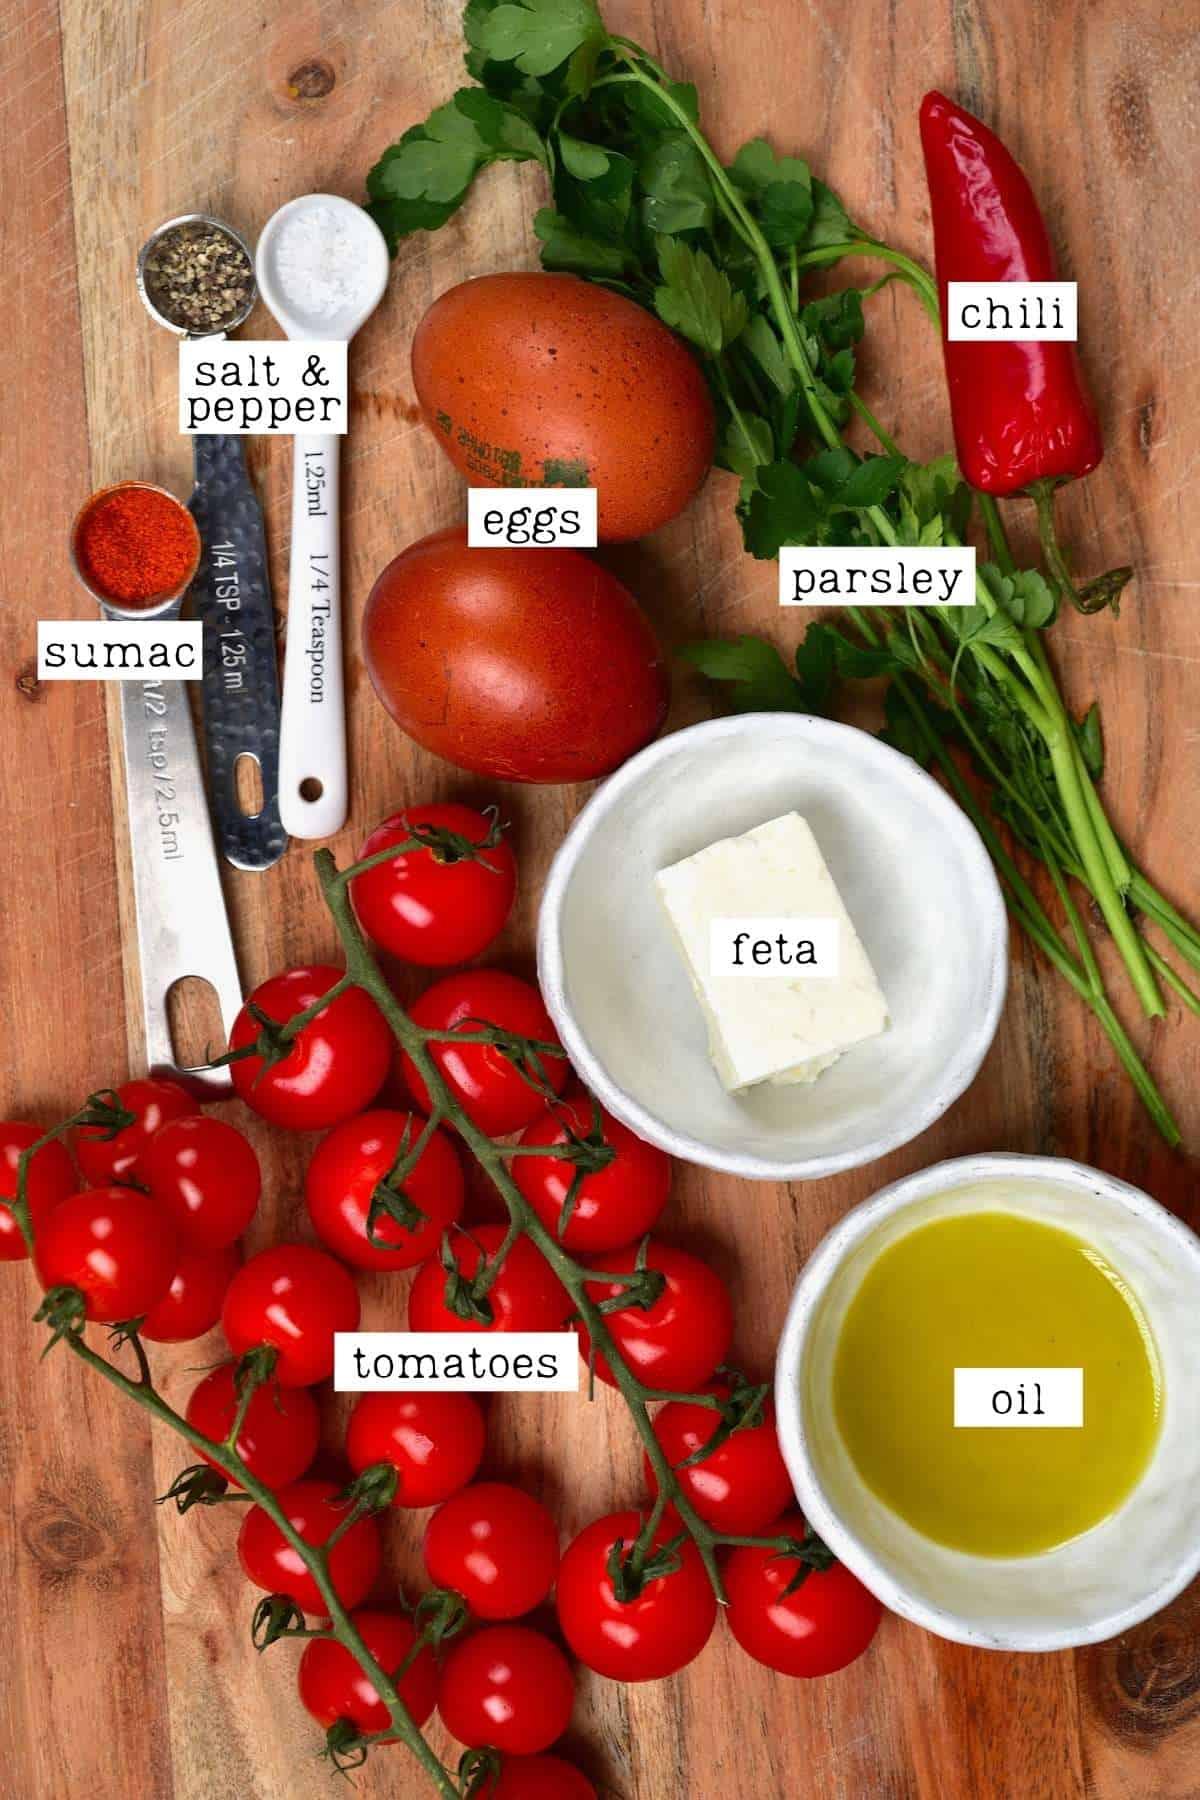 Ingredients for tomato egg breakfast